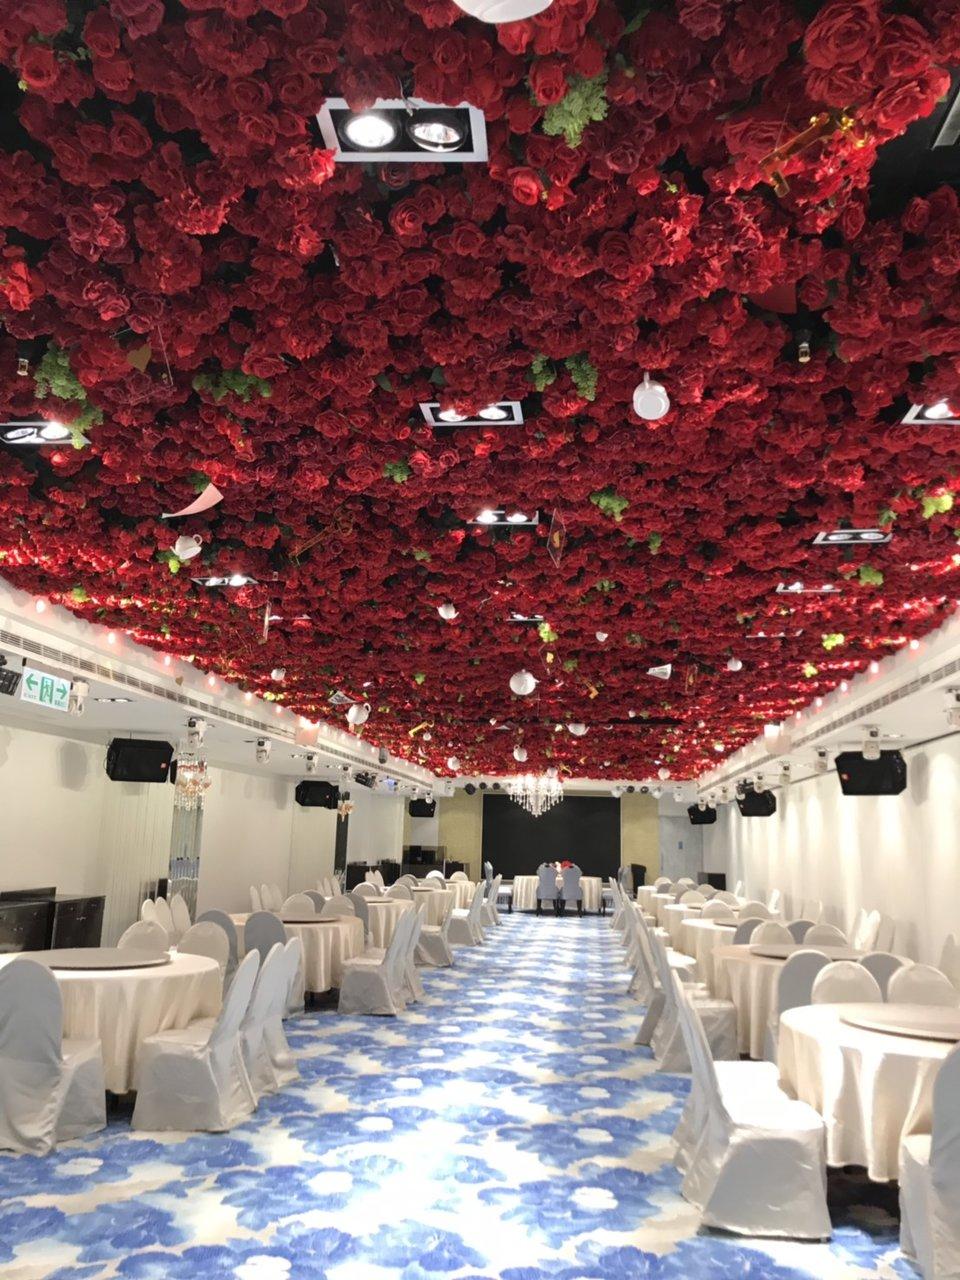 88號樂章婚宴會館,訂婚儀式 by 超讚的Perry蔡 & Wendy森